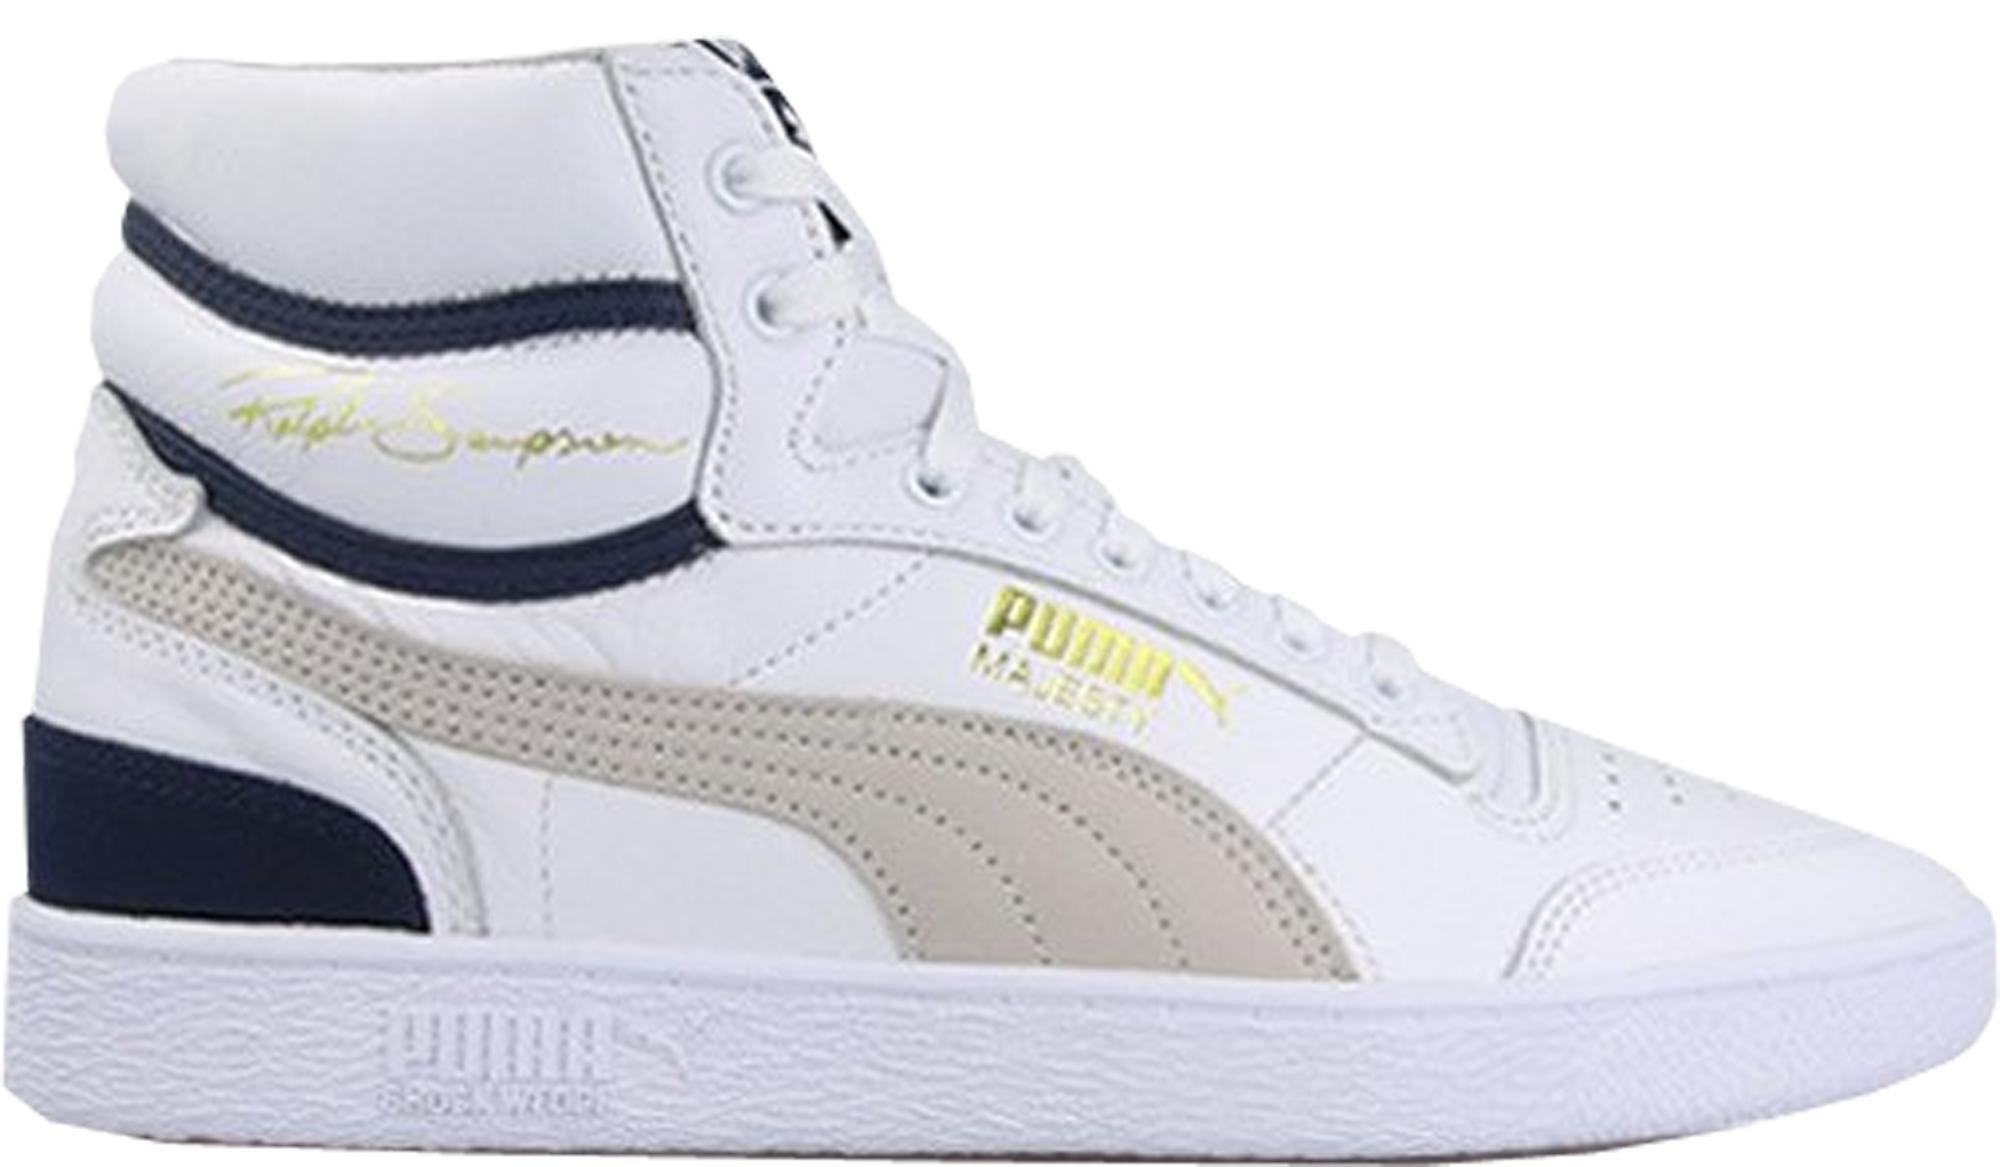 Puma Ralph Sampson Mid OG White Grey